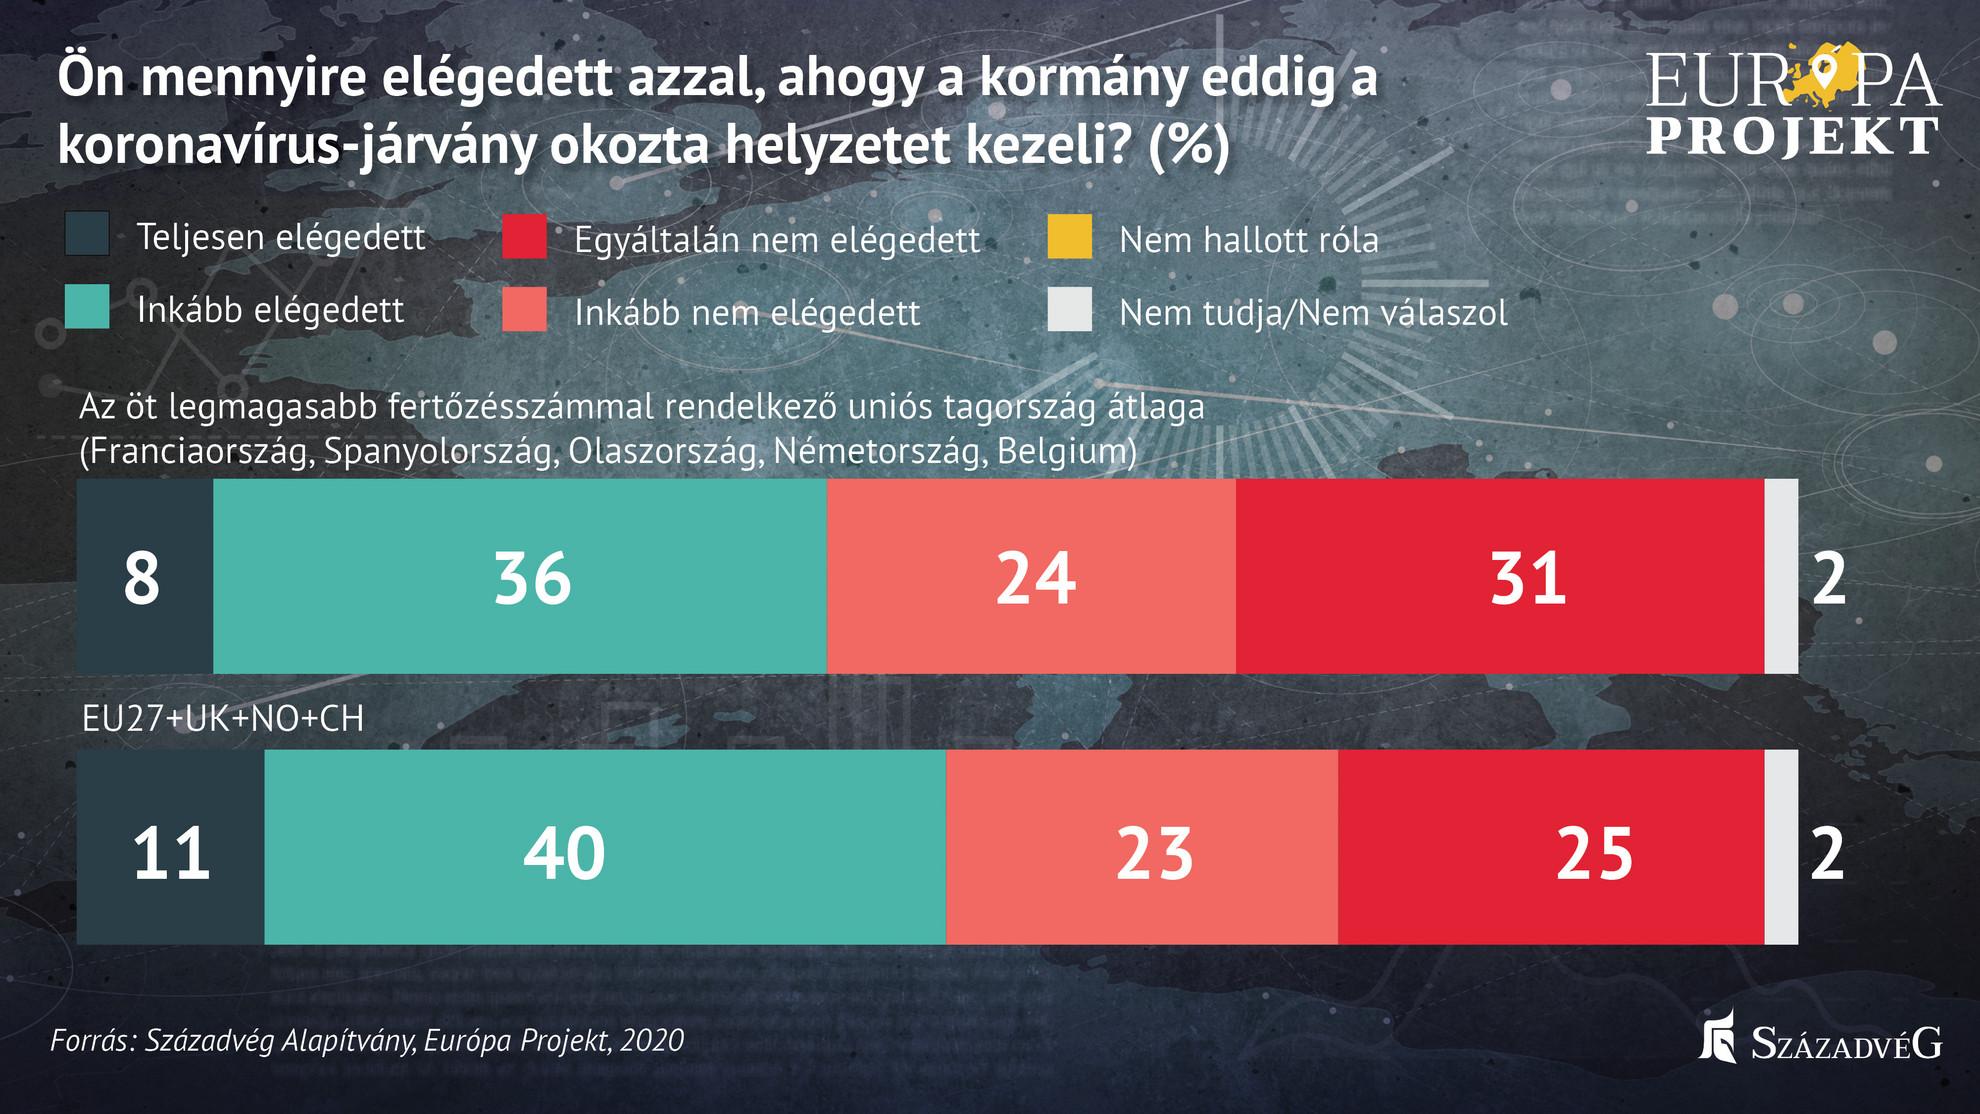 Hazánkban a megkérdezettek 61 százaléka elégedett azzal, ahogyan a kormány kezeli a koronavírus-járvány okozta helyzetet